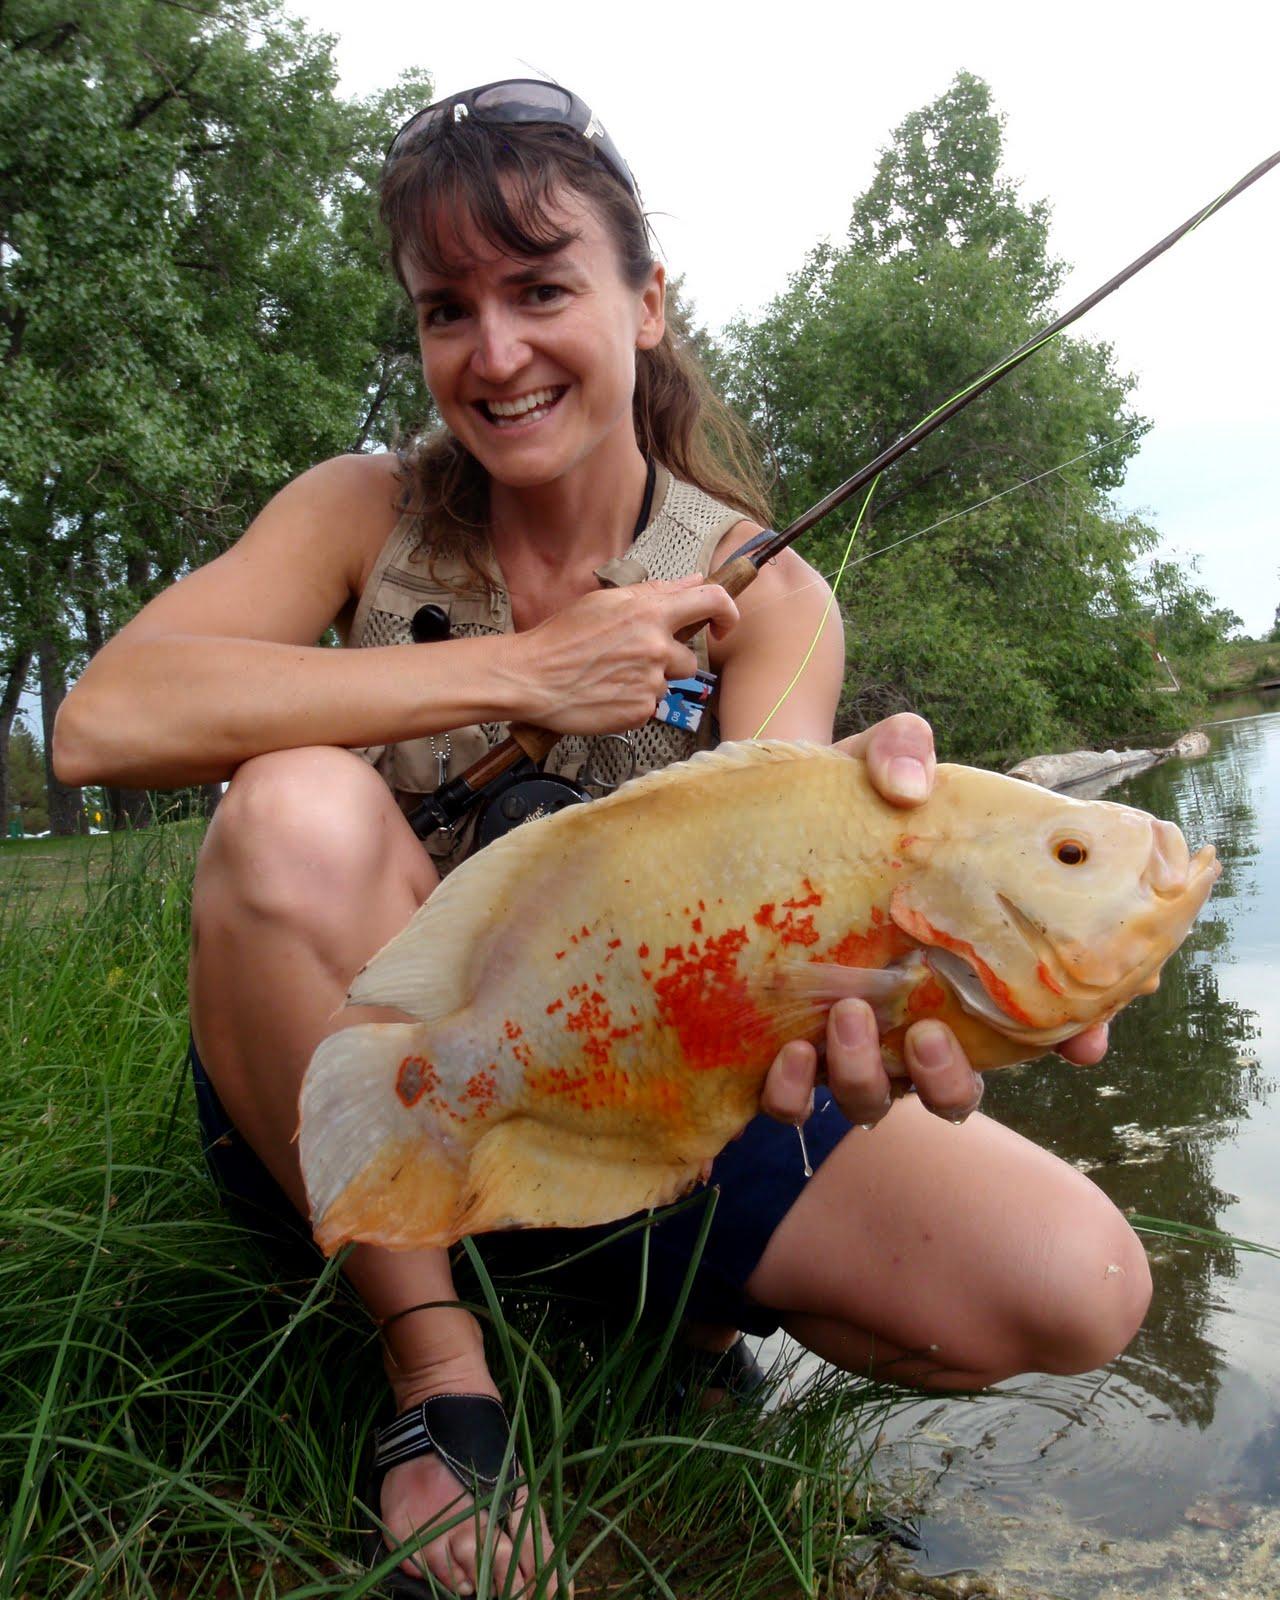 http://2.bp.blogspot.com/-TE0pl1SL1FA/Tg5trwbkbCI/AAAAAAAAC5o/F1gOQDxvD9Y/s1600/Eva+Zimmerman+Fly+Fishing+Colorado+Albino+Oscar+1+%252829+June+2011%2529.jpg